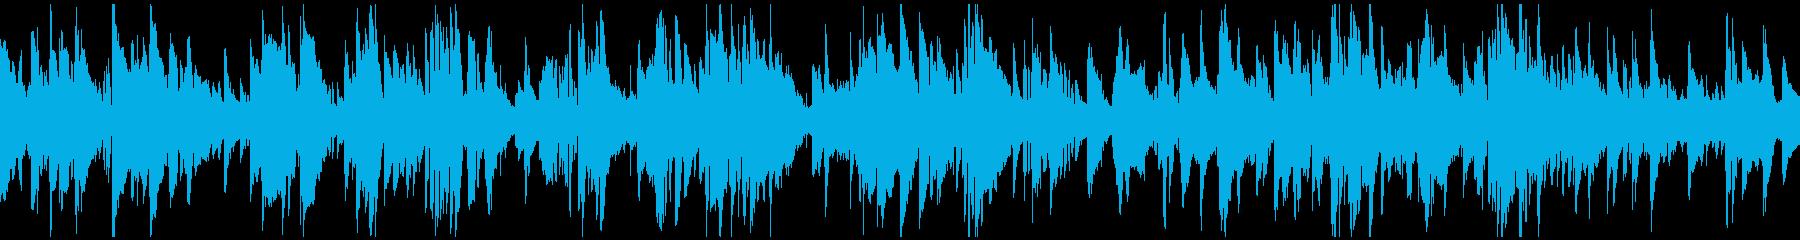 ハードボイルド渋いサックス ※ループ版の再生済みの波形